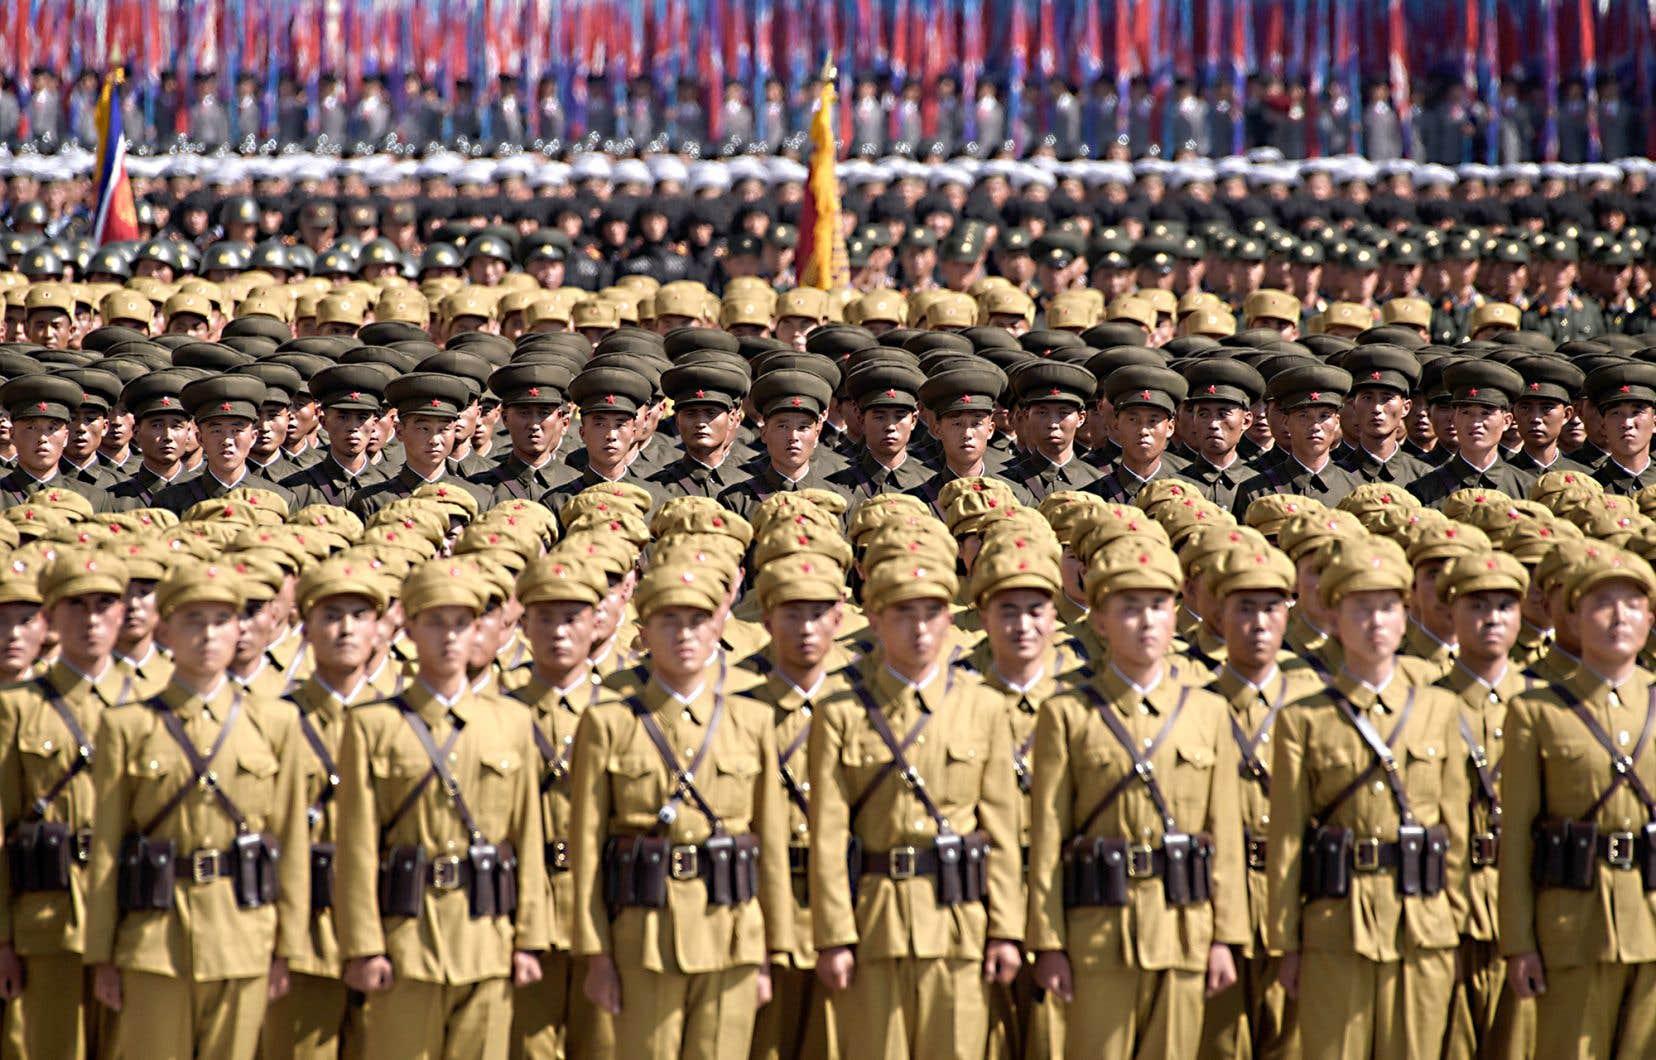 Les efforts ne sont plus consacrés au développement de l'arme nucléaire, mais à faire de la Corée du Nord une puissance économique.